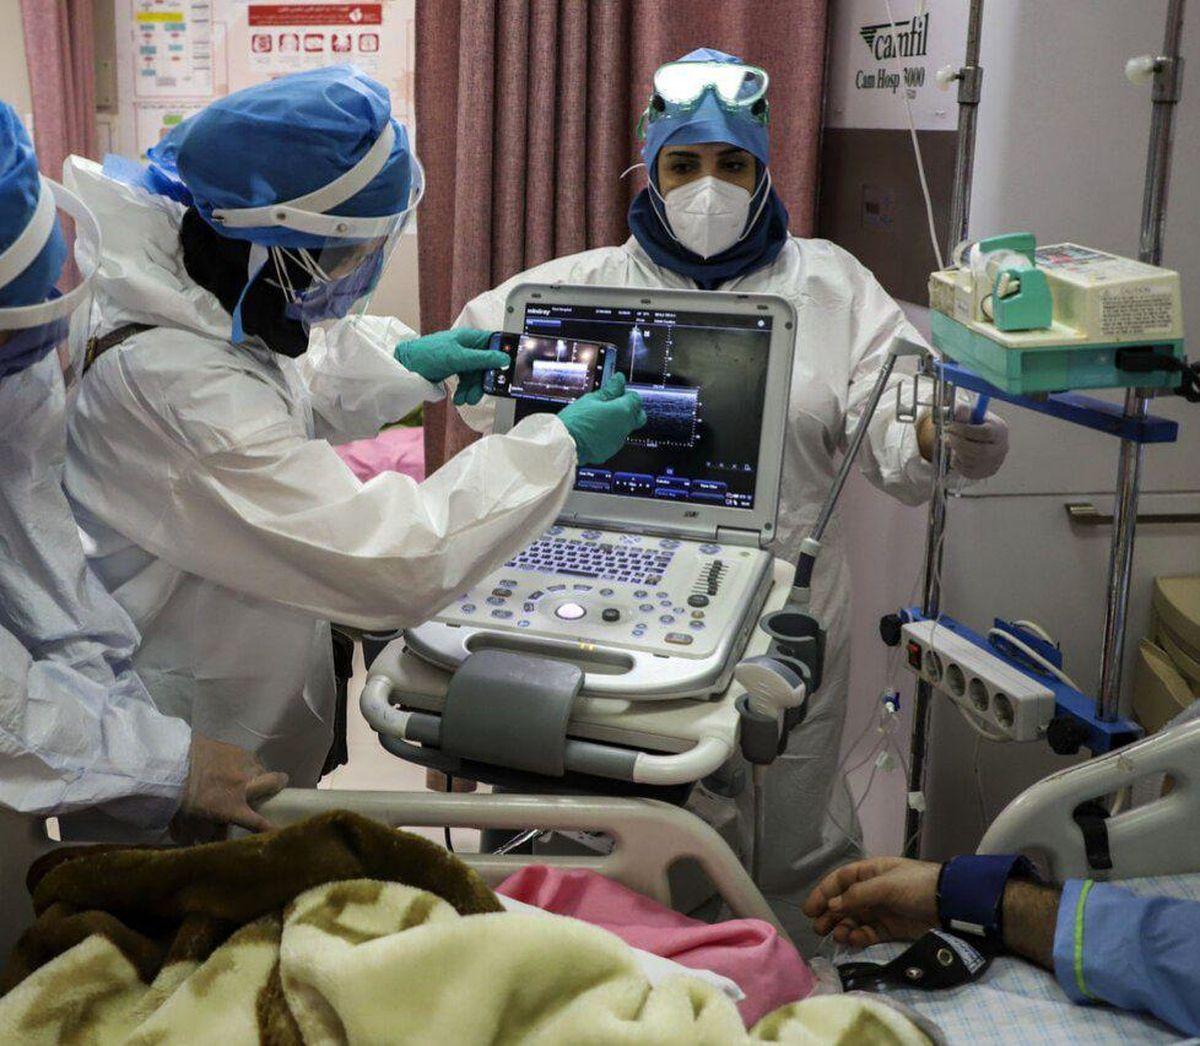 ثبت 601 ابتلای  جدید به ویروس کرونا در اصفهان / 97 نفر بستری شدند